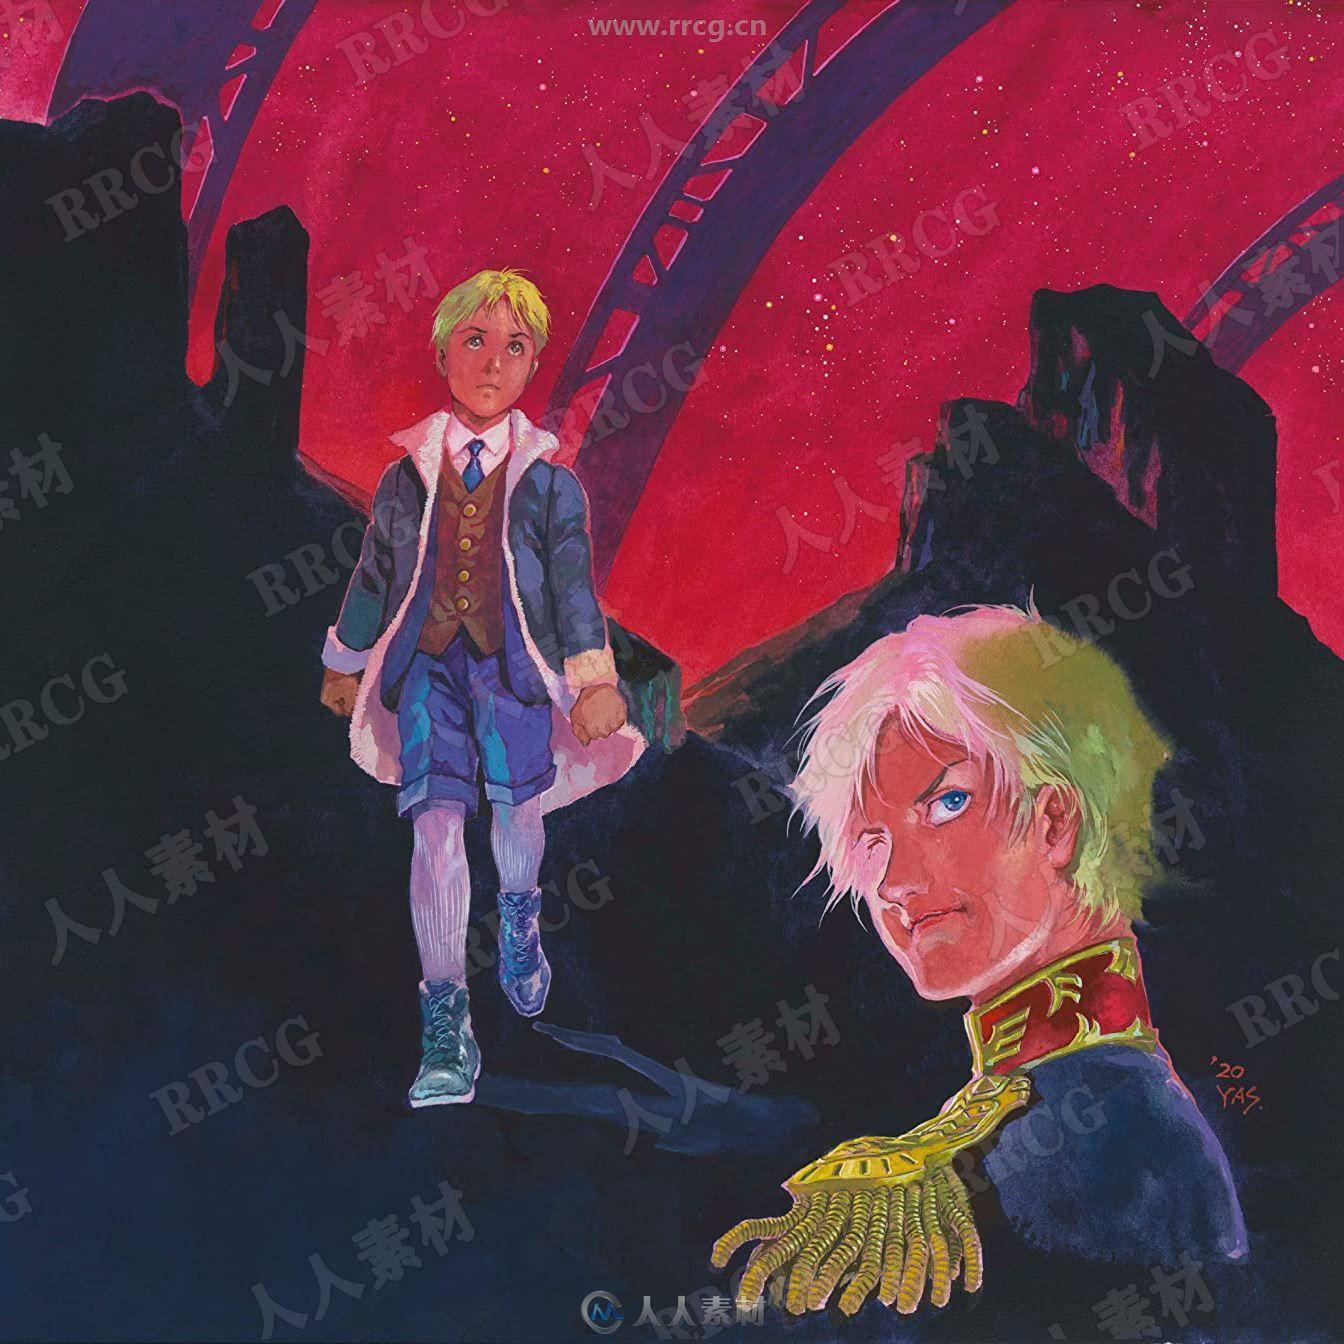 机动战士高达40周年纪念动画配乐原声大碟OST音乐素材合集